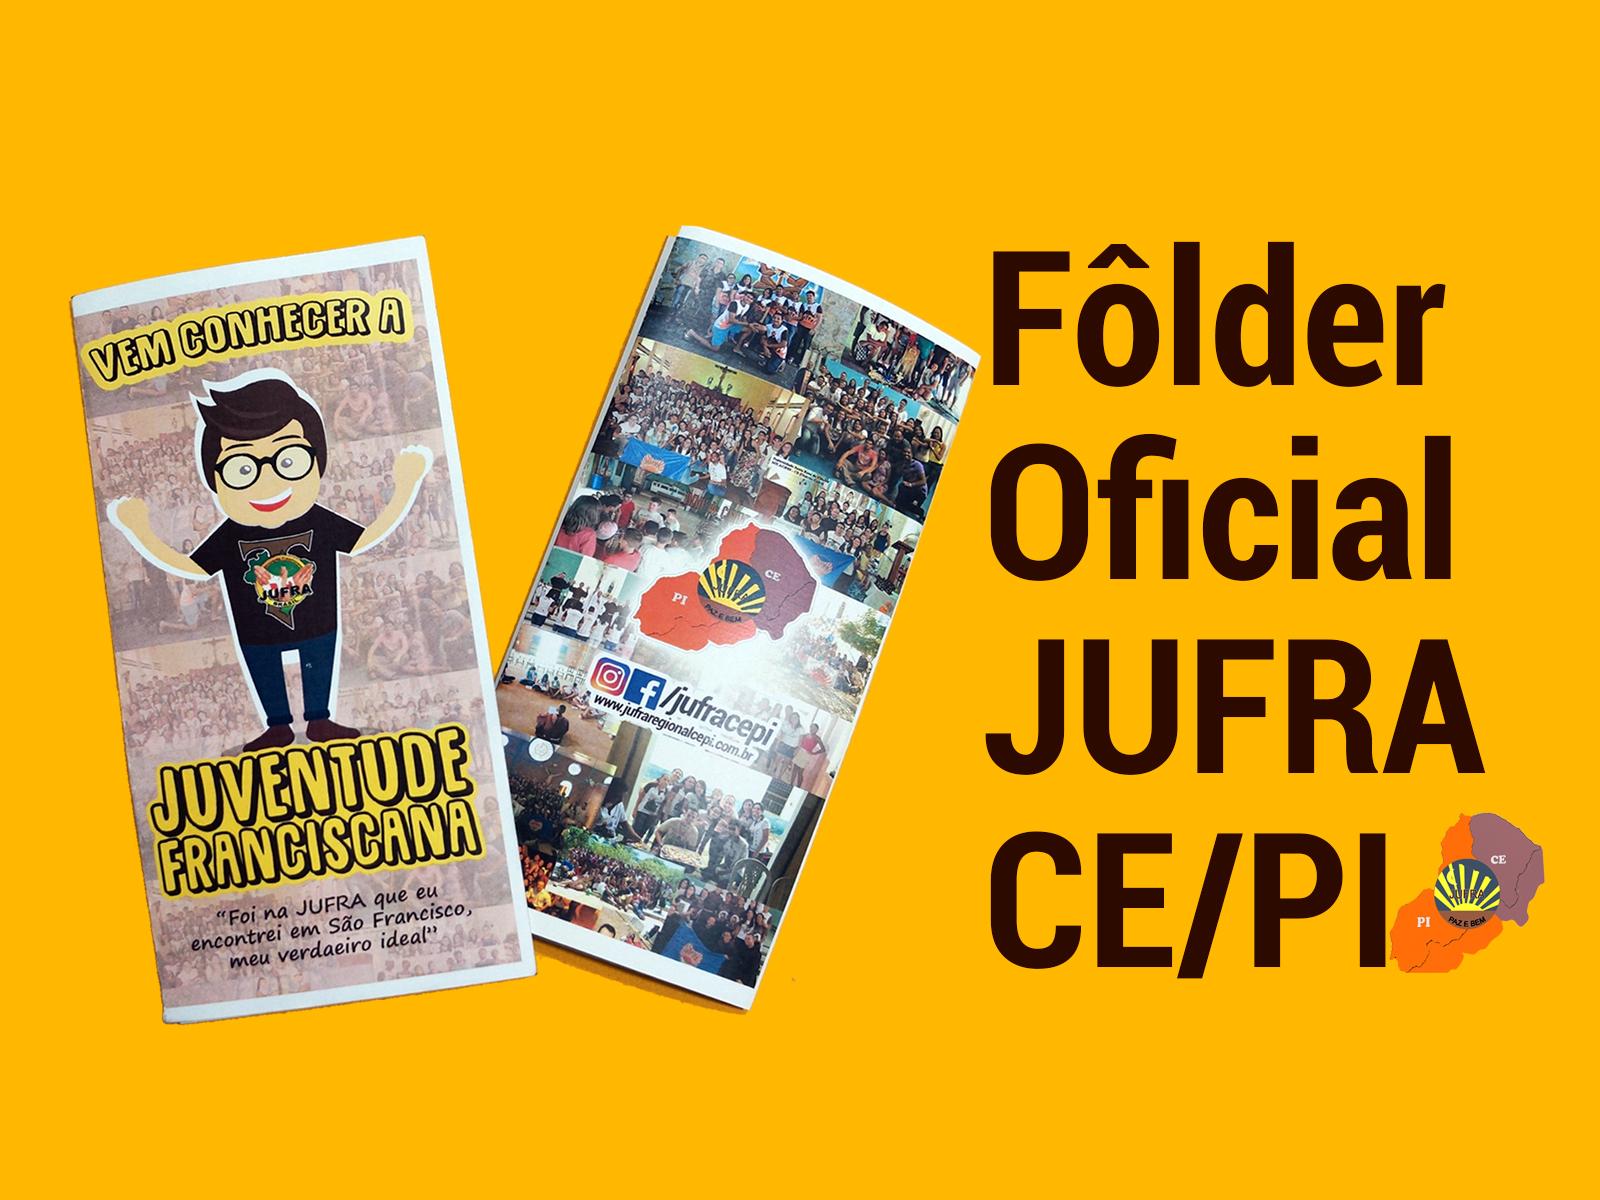 JUFRA CE/PI LANÇA FÔLDER OFICIAL PARA AS FRATERNIDADES! FAÇA DOWNLOAD AQUI!